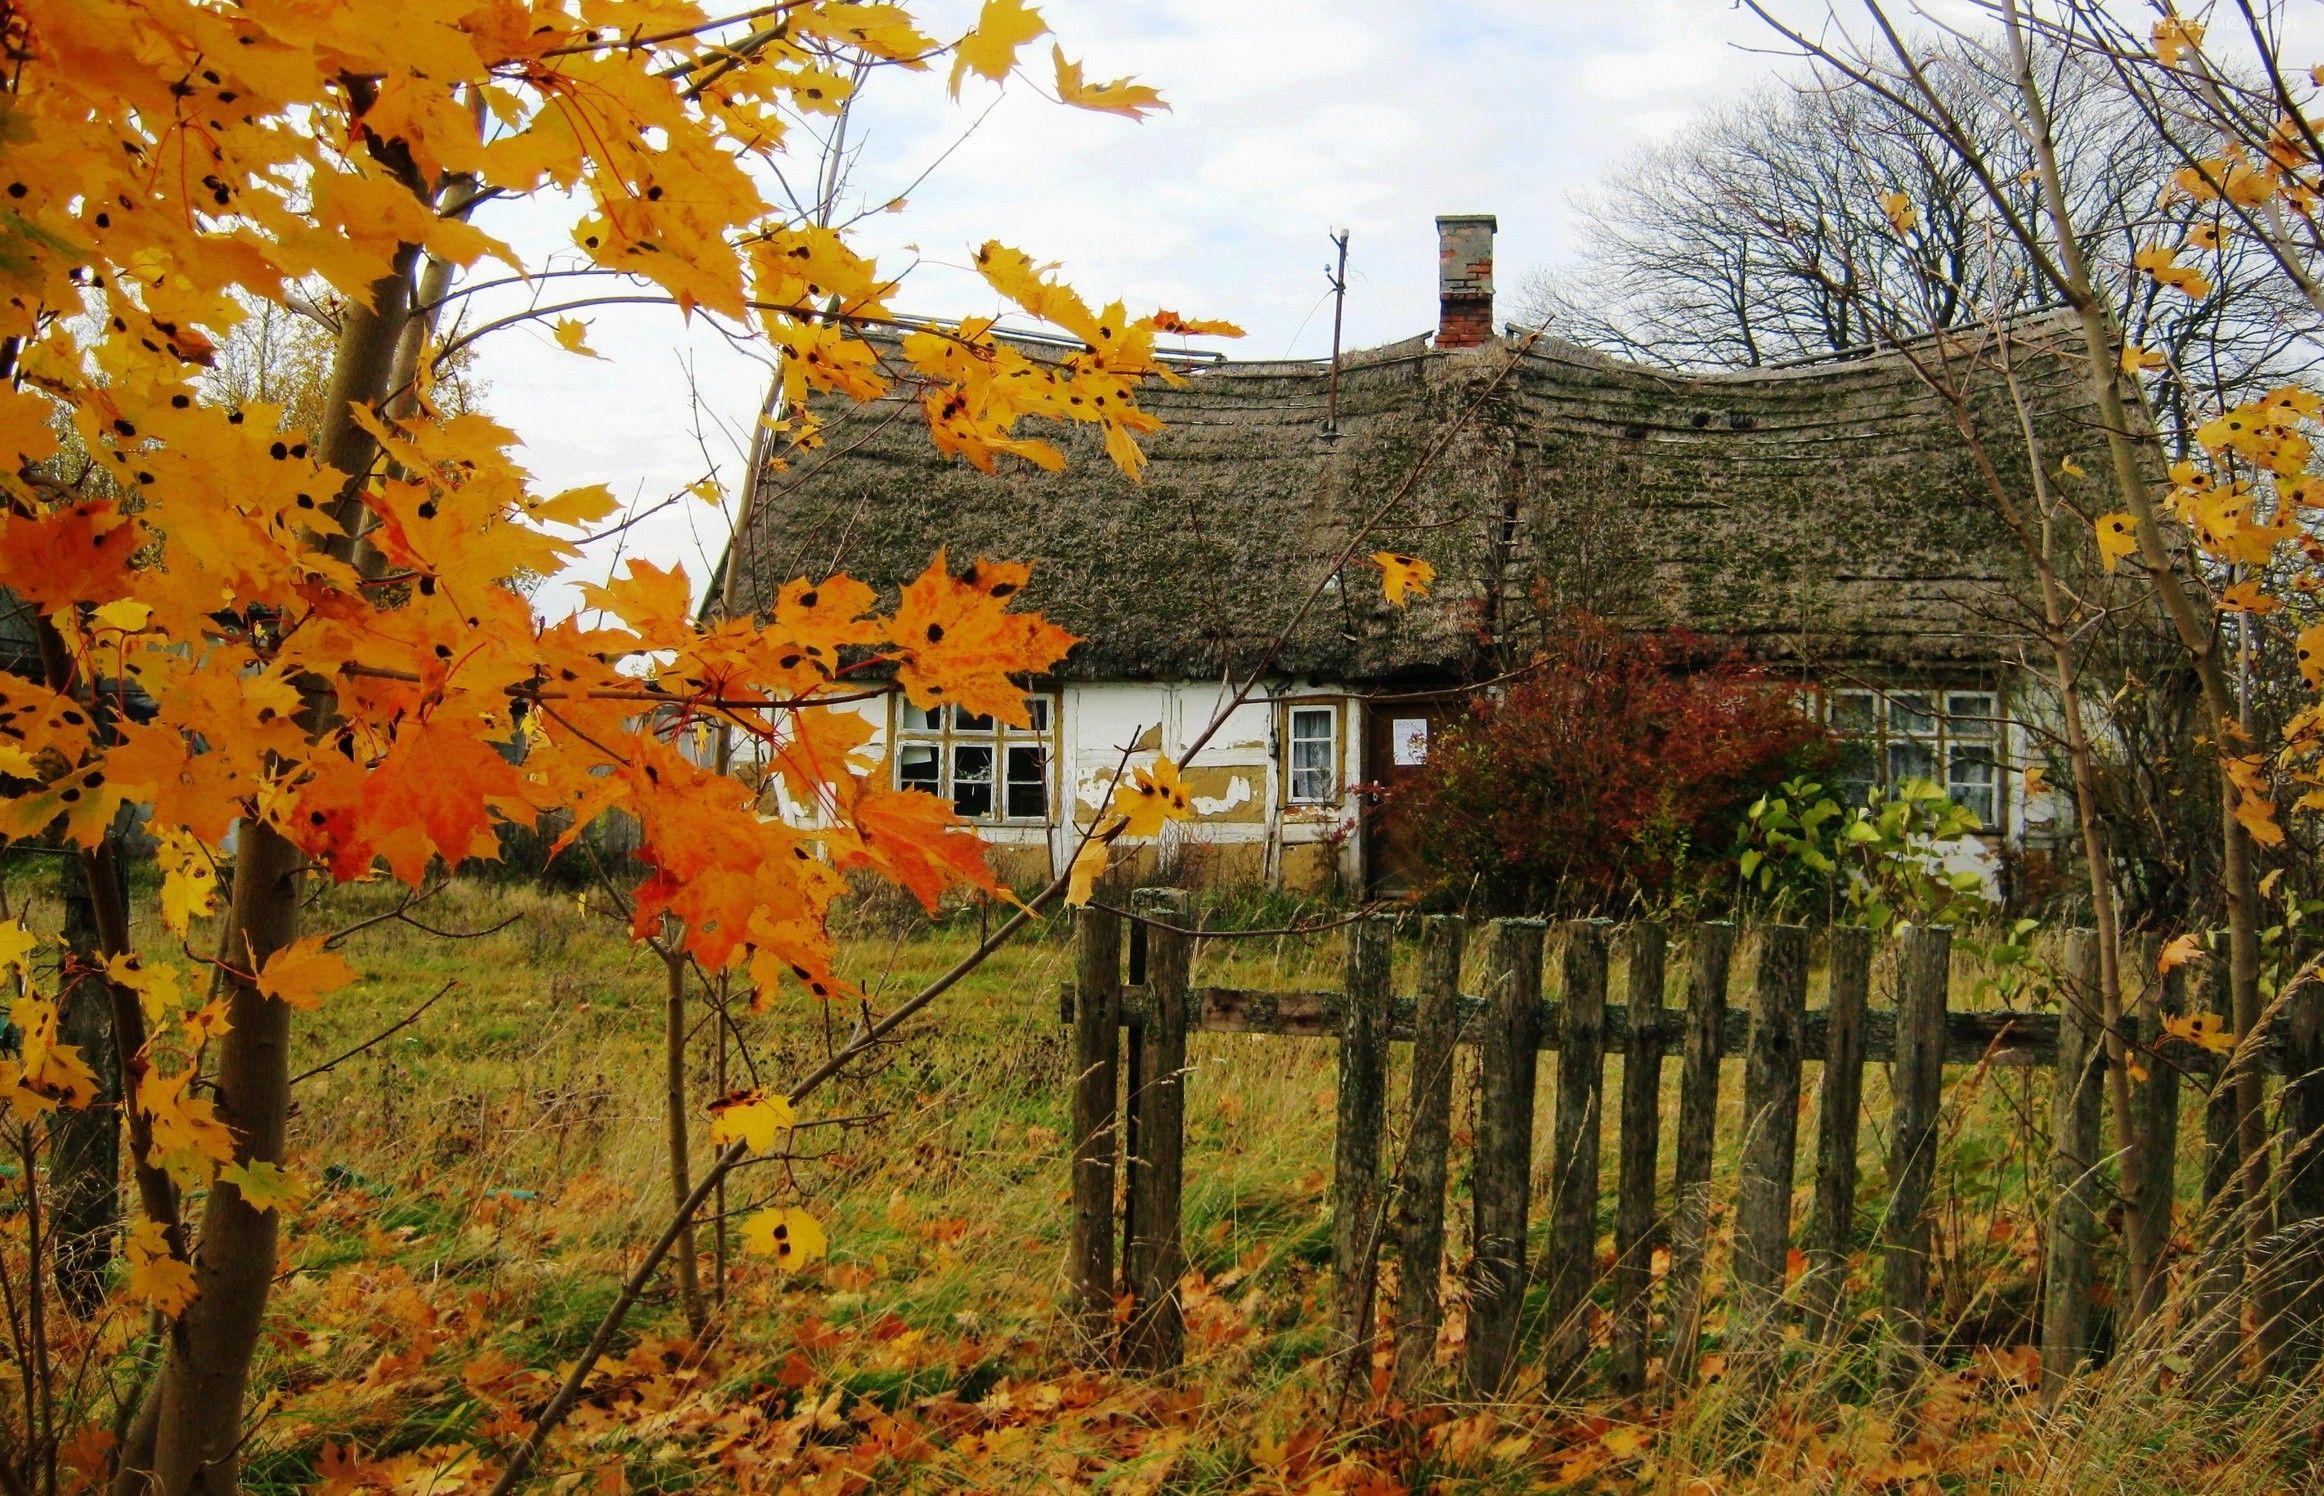 Jesień, Stara Chata, Płot, Drzewa, Liście